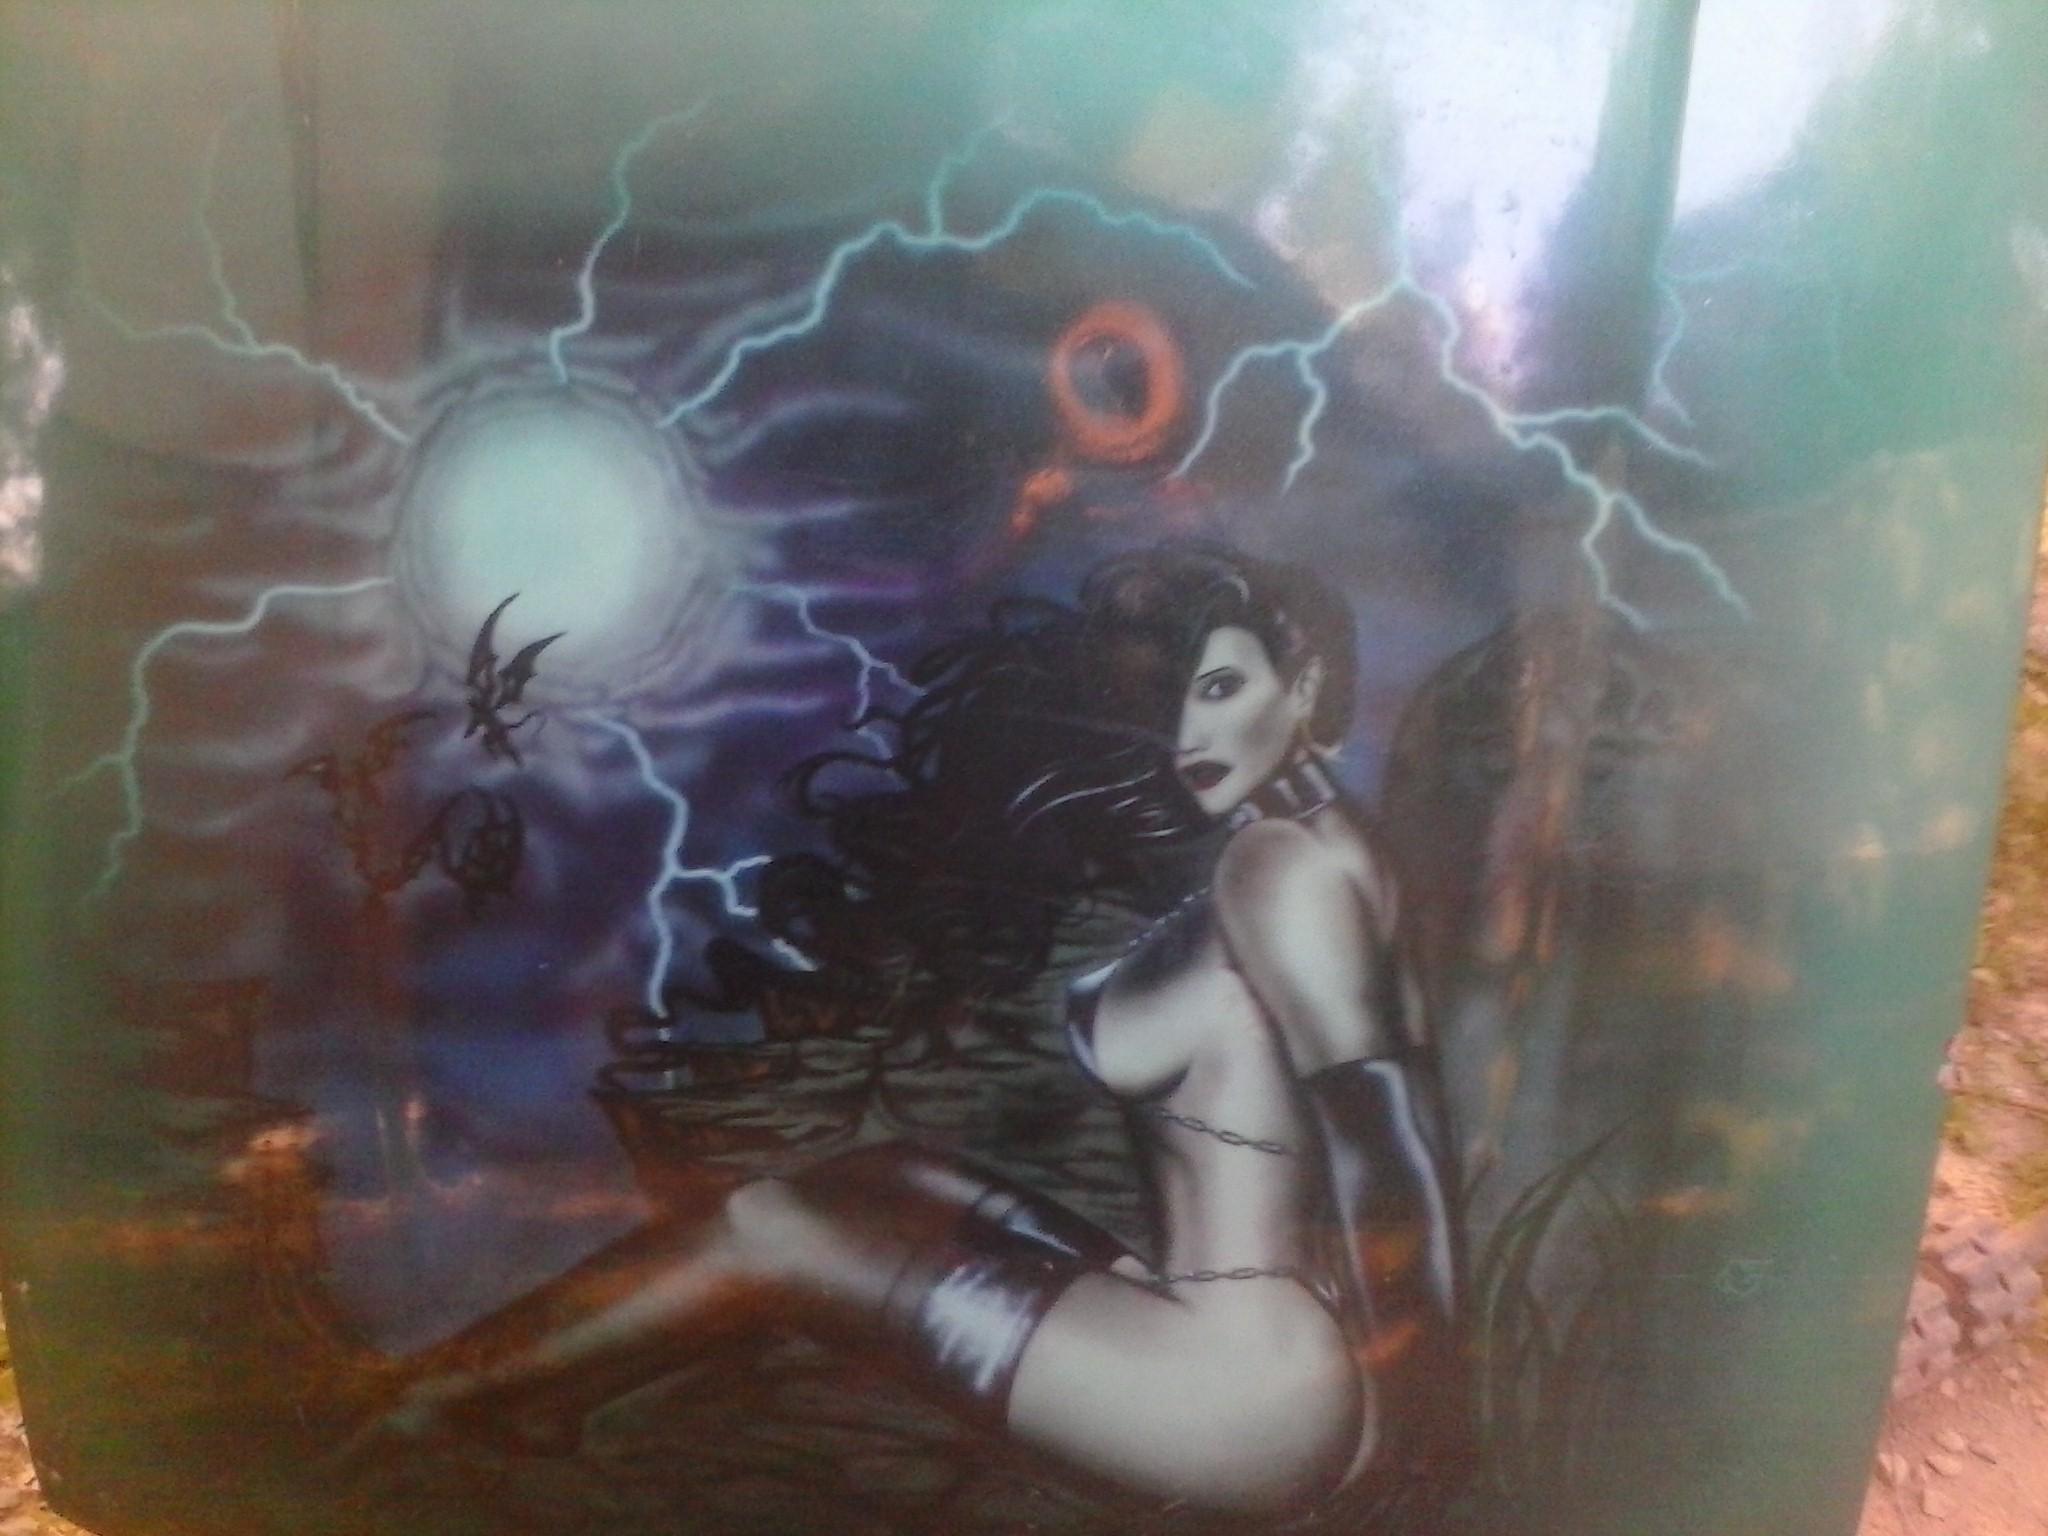 1990 hood w/airbrushed artwork